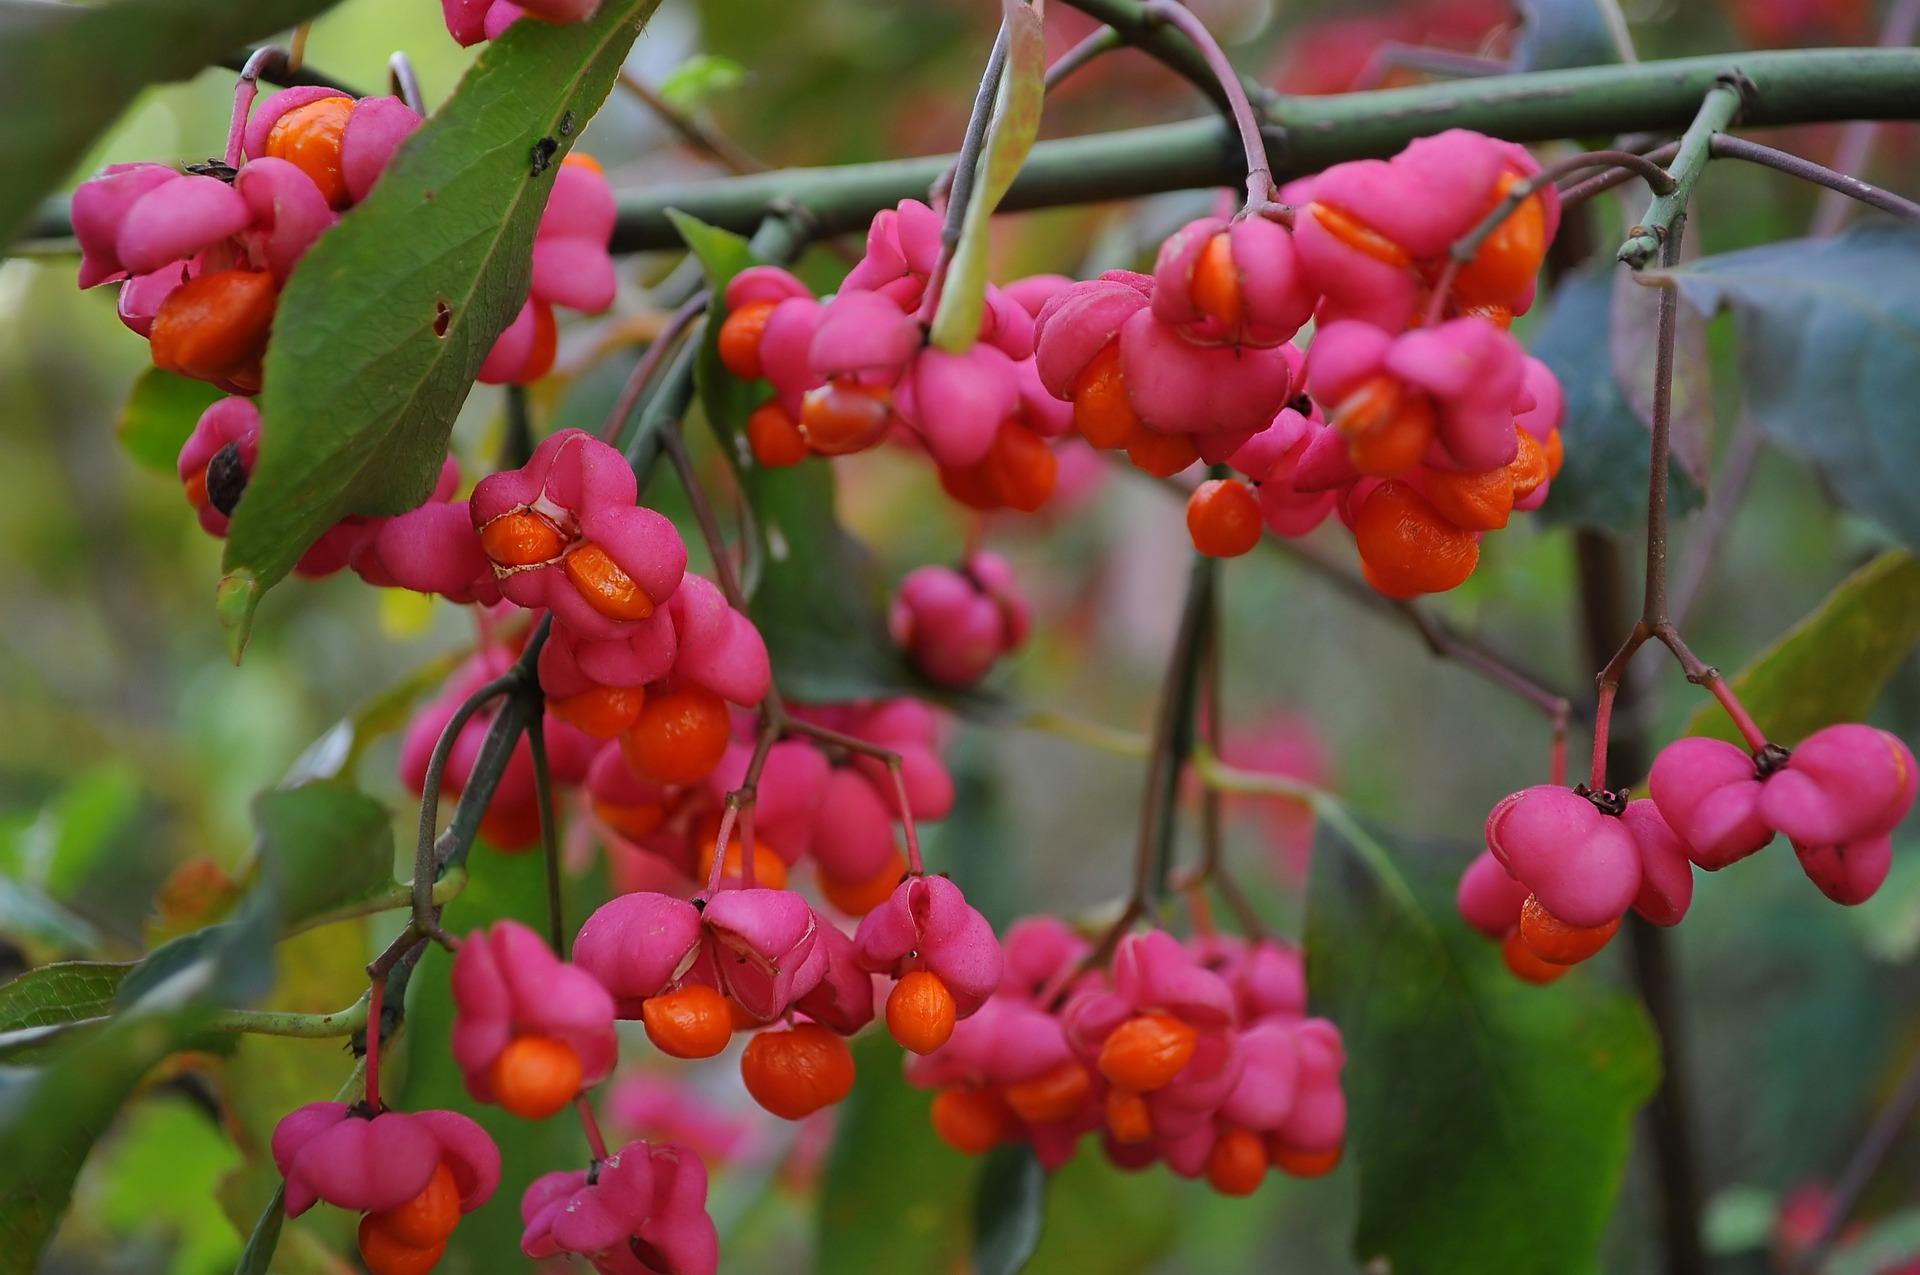 Melyik ez a gyönyörű bogyó, meg szabad kóstolni?